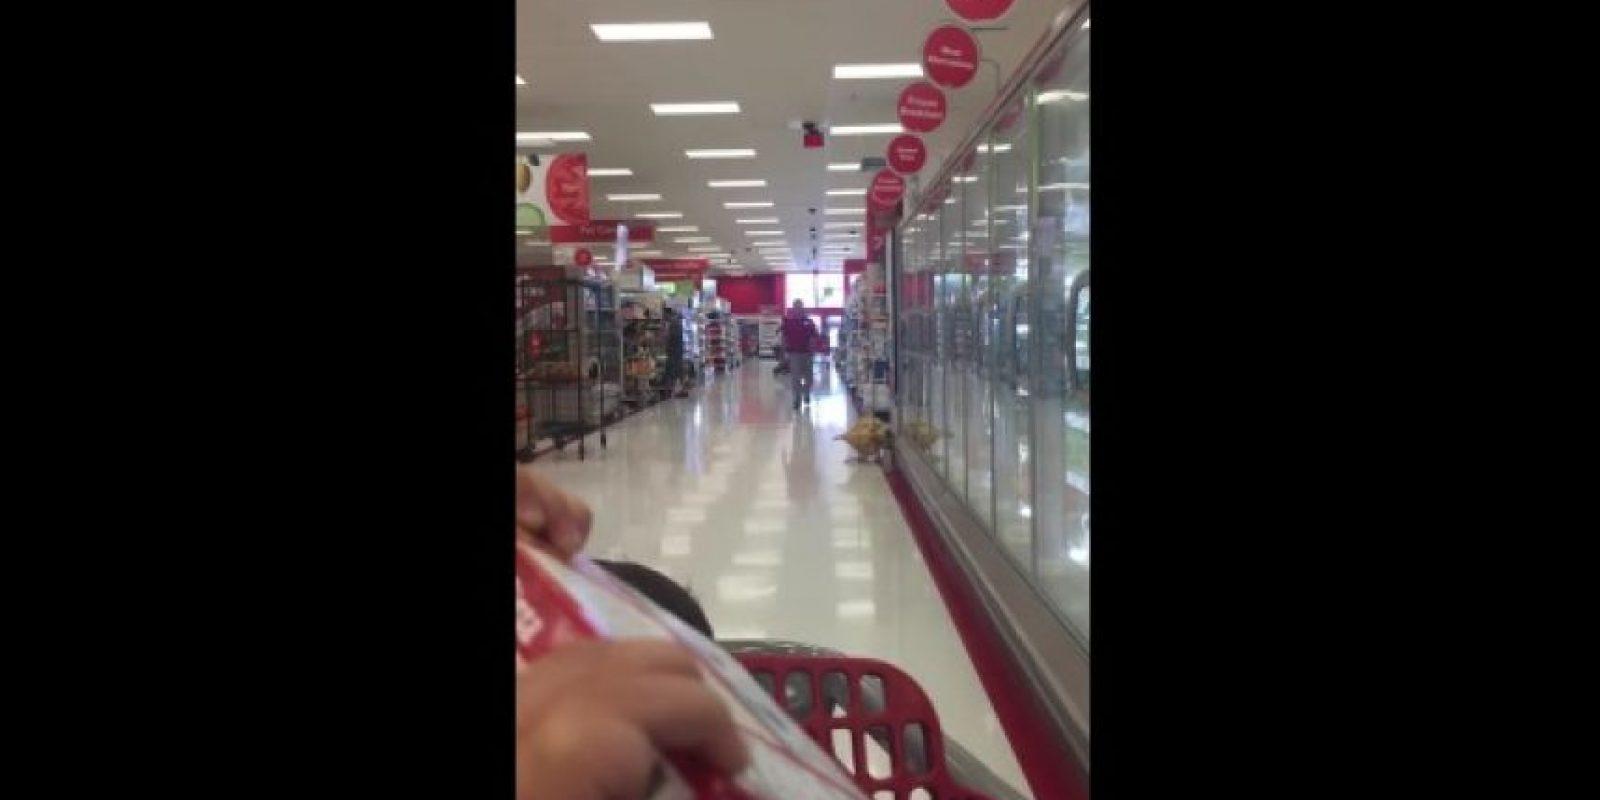 Sucedió en Campbell, California, en Estados Unidos, donde en los altavoces de la tienda se escuchó una película pornográfica Foto:YouTube – Gina Young